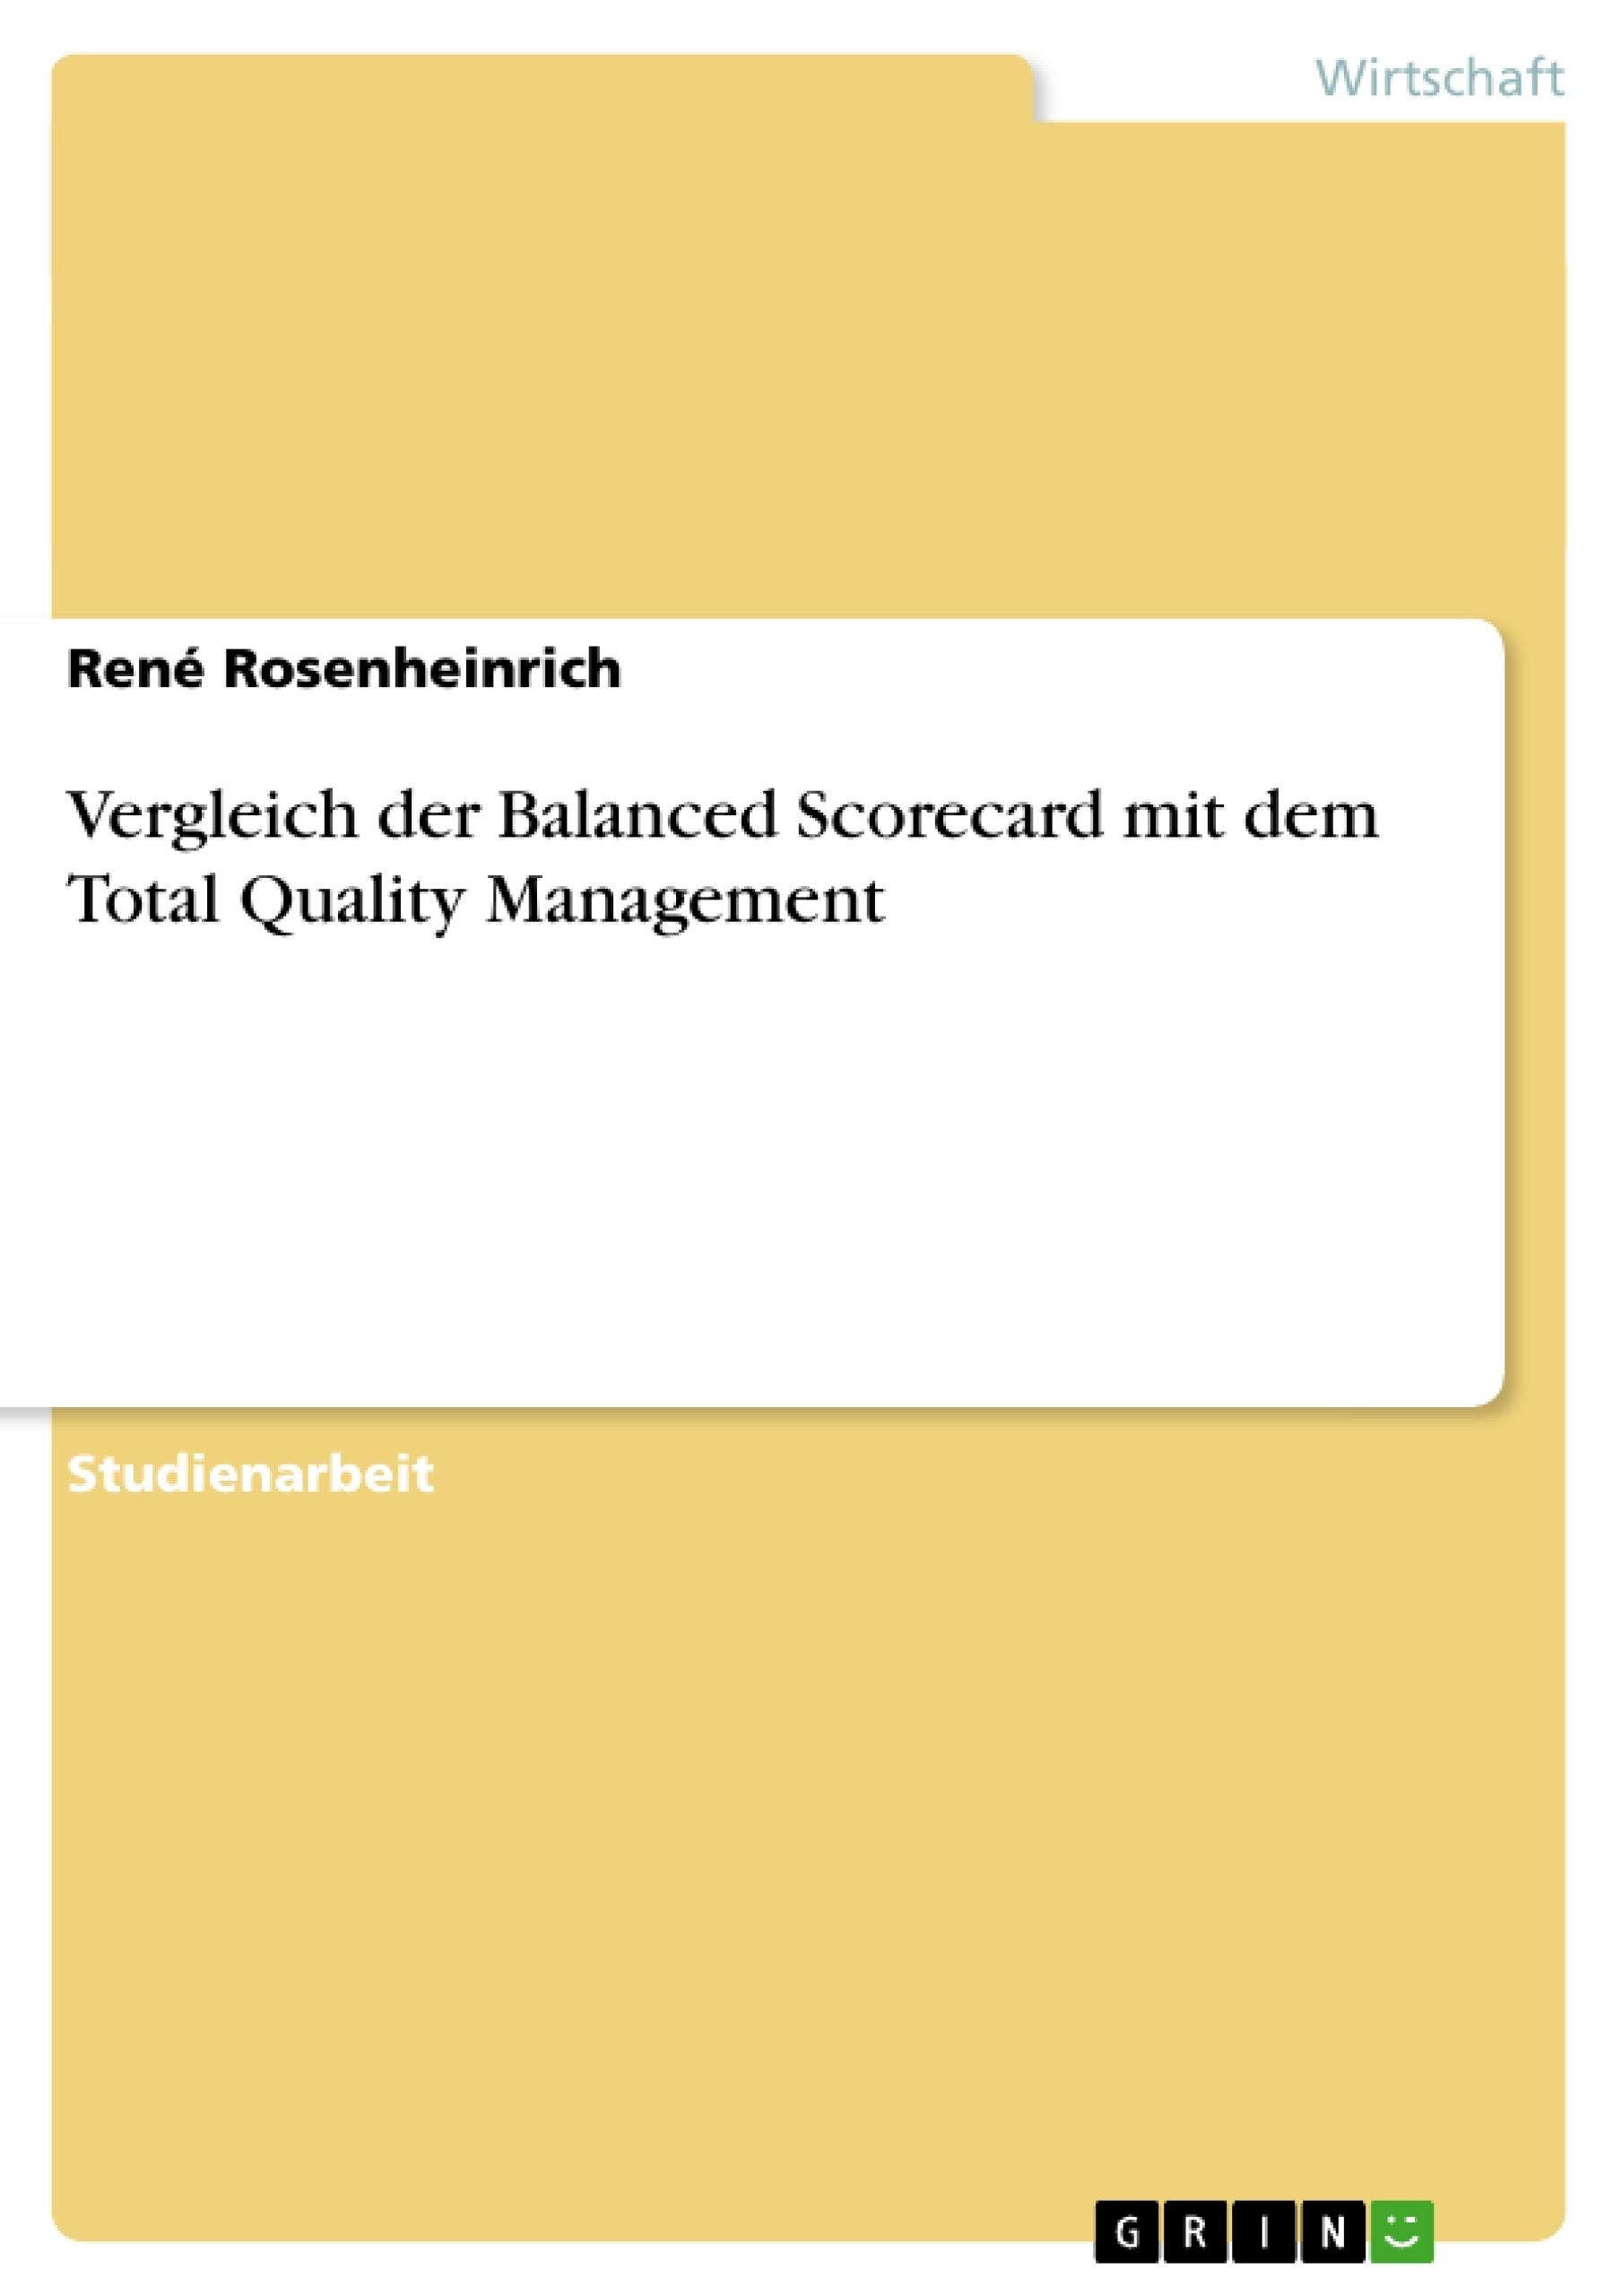 Titel: Vergleich der Balanced Scorecard mit dem Total Quality Management